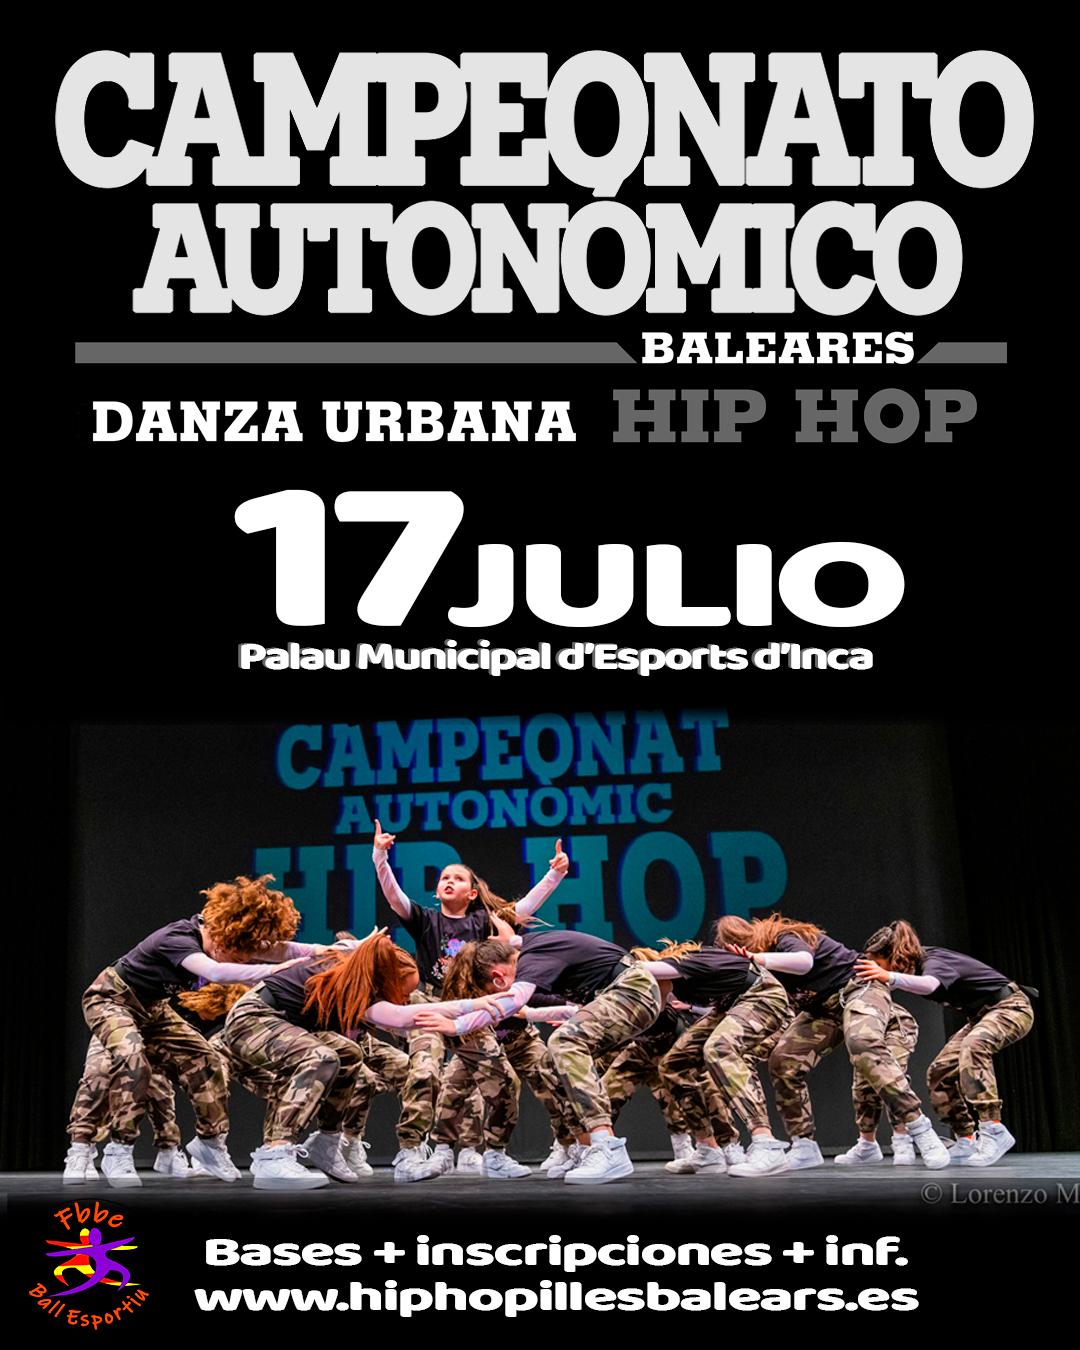 Campeonato Autonómico Hip Hop Danzas Urbanas 2021